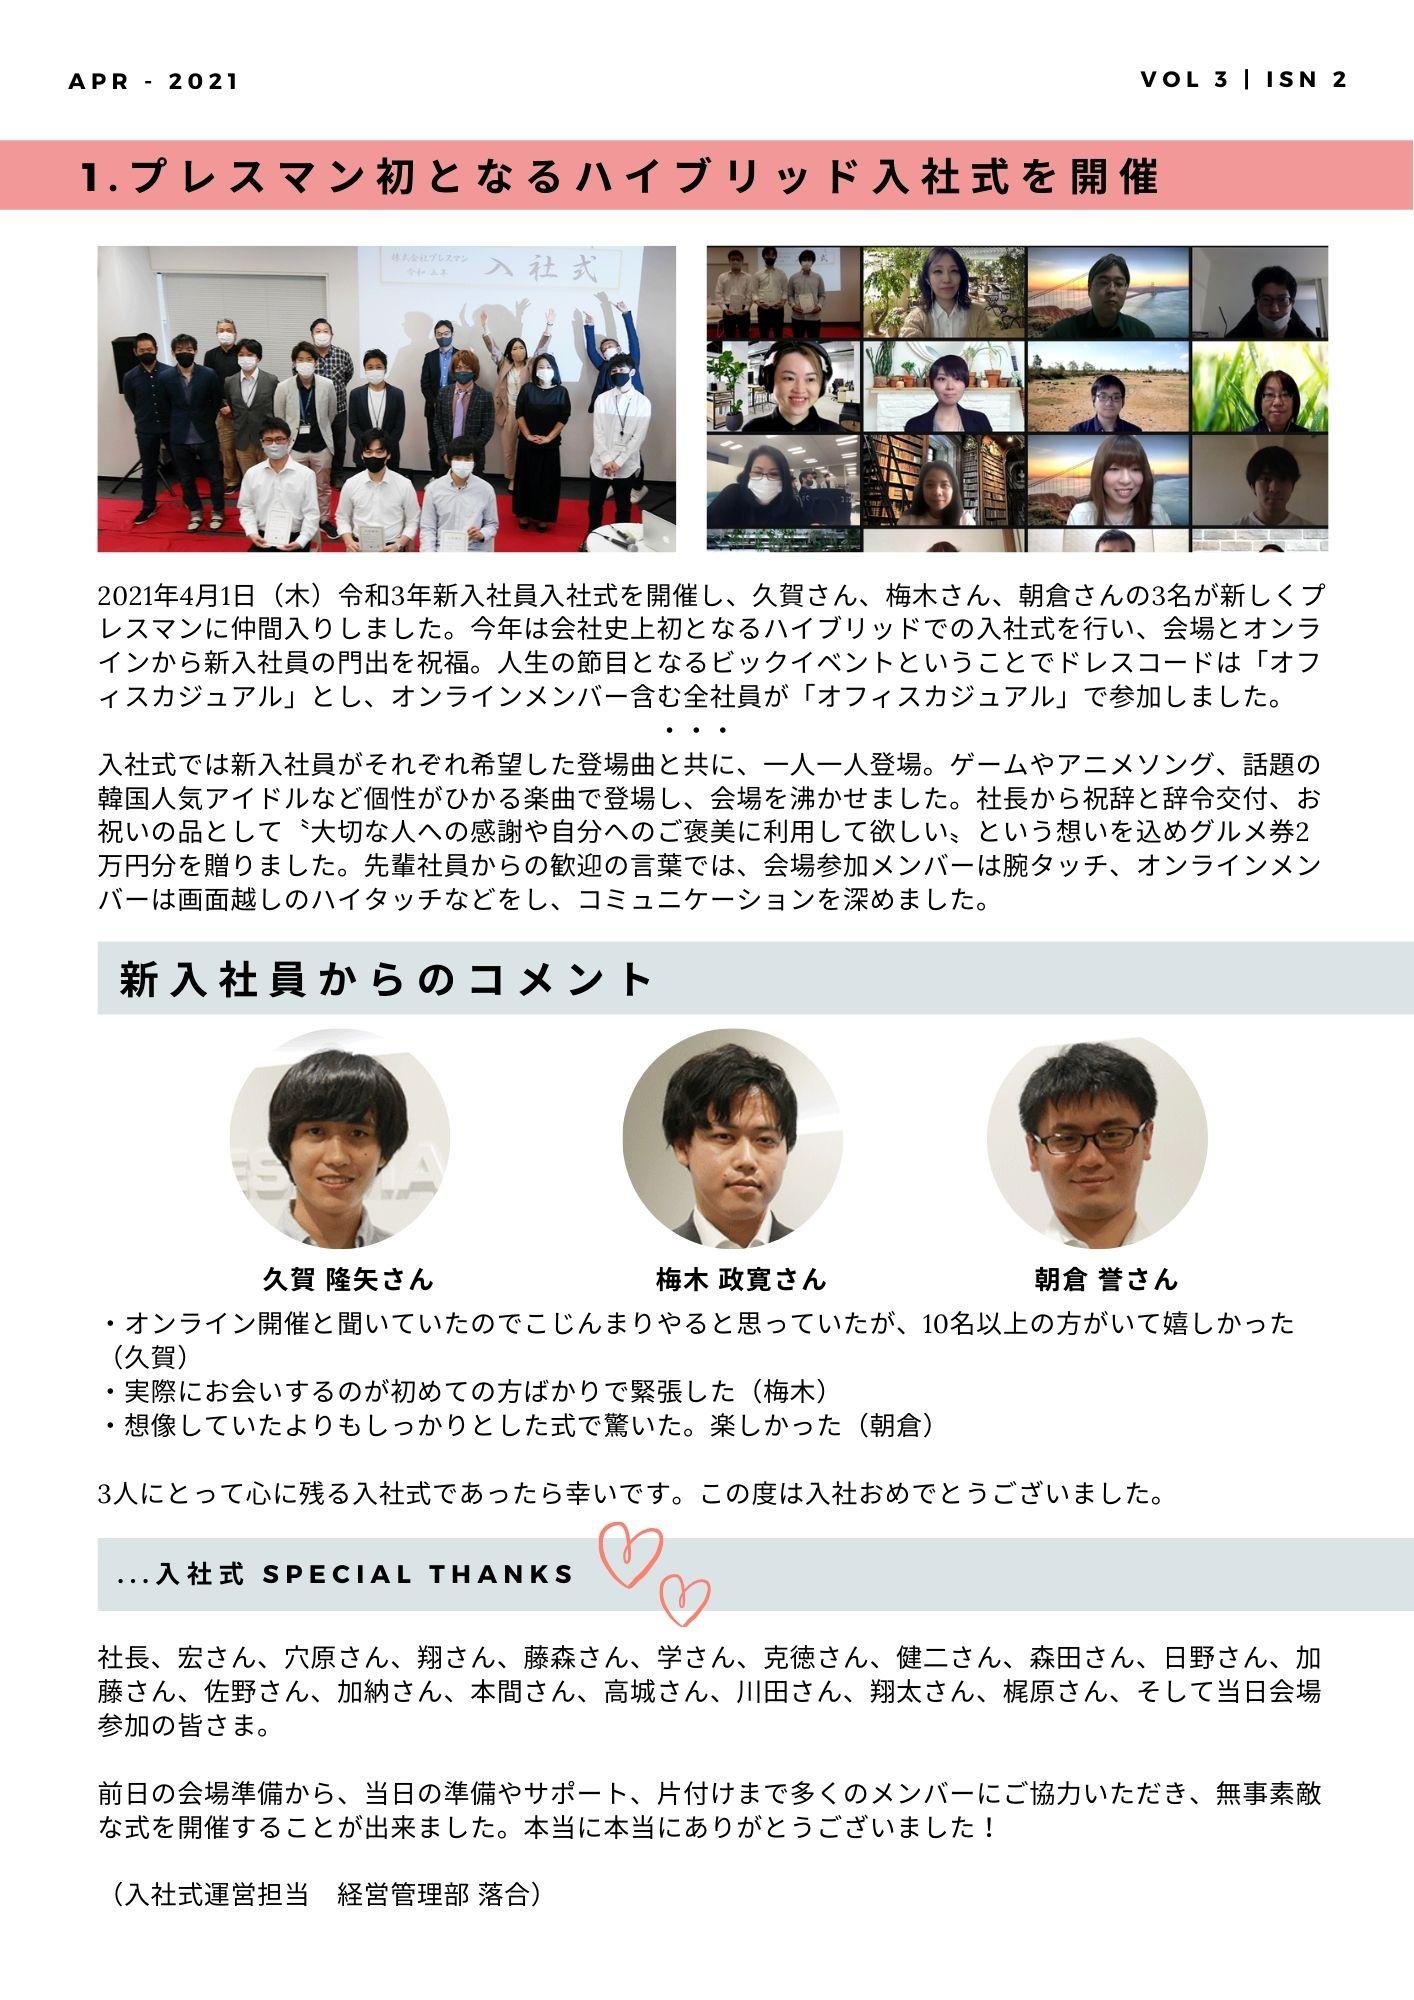 2021年4月1日(木)令和3年新入社員入社式を開催し、久賀さん、梅木さん、朝倉さんの3名が新しくプレスマンに仲間入りしました。今年は会社史上初となるハイブリッドでの入社式を行い、会場とオンラインから新入社員の門出を祝福しました。